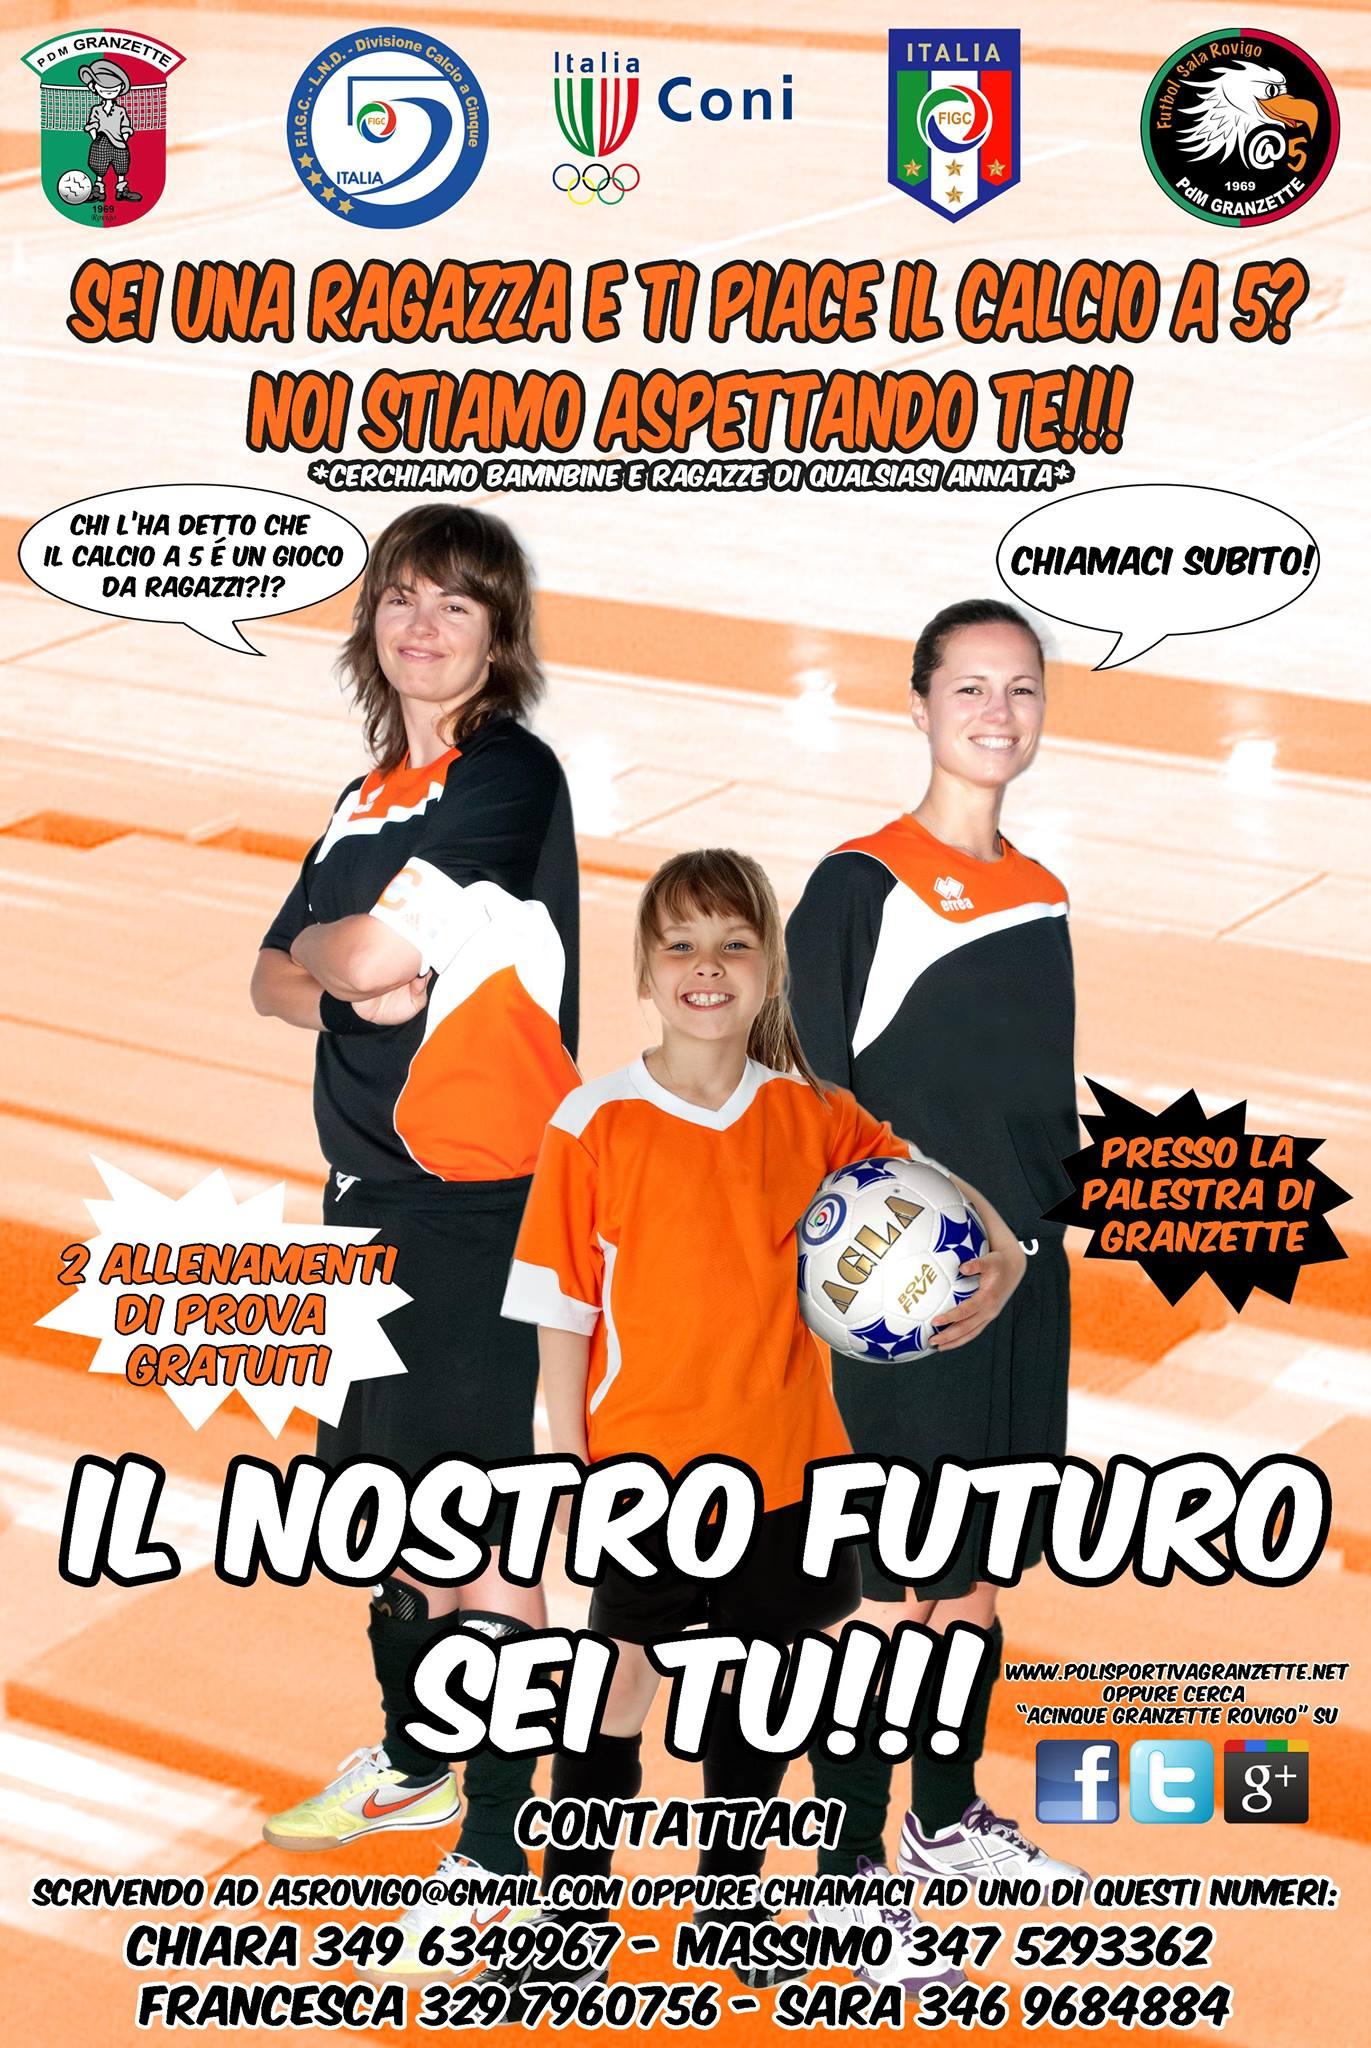 Granzette Calcio a 5